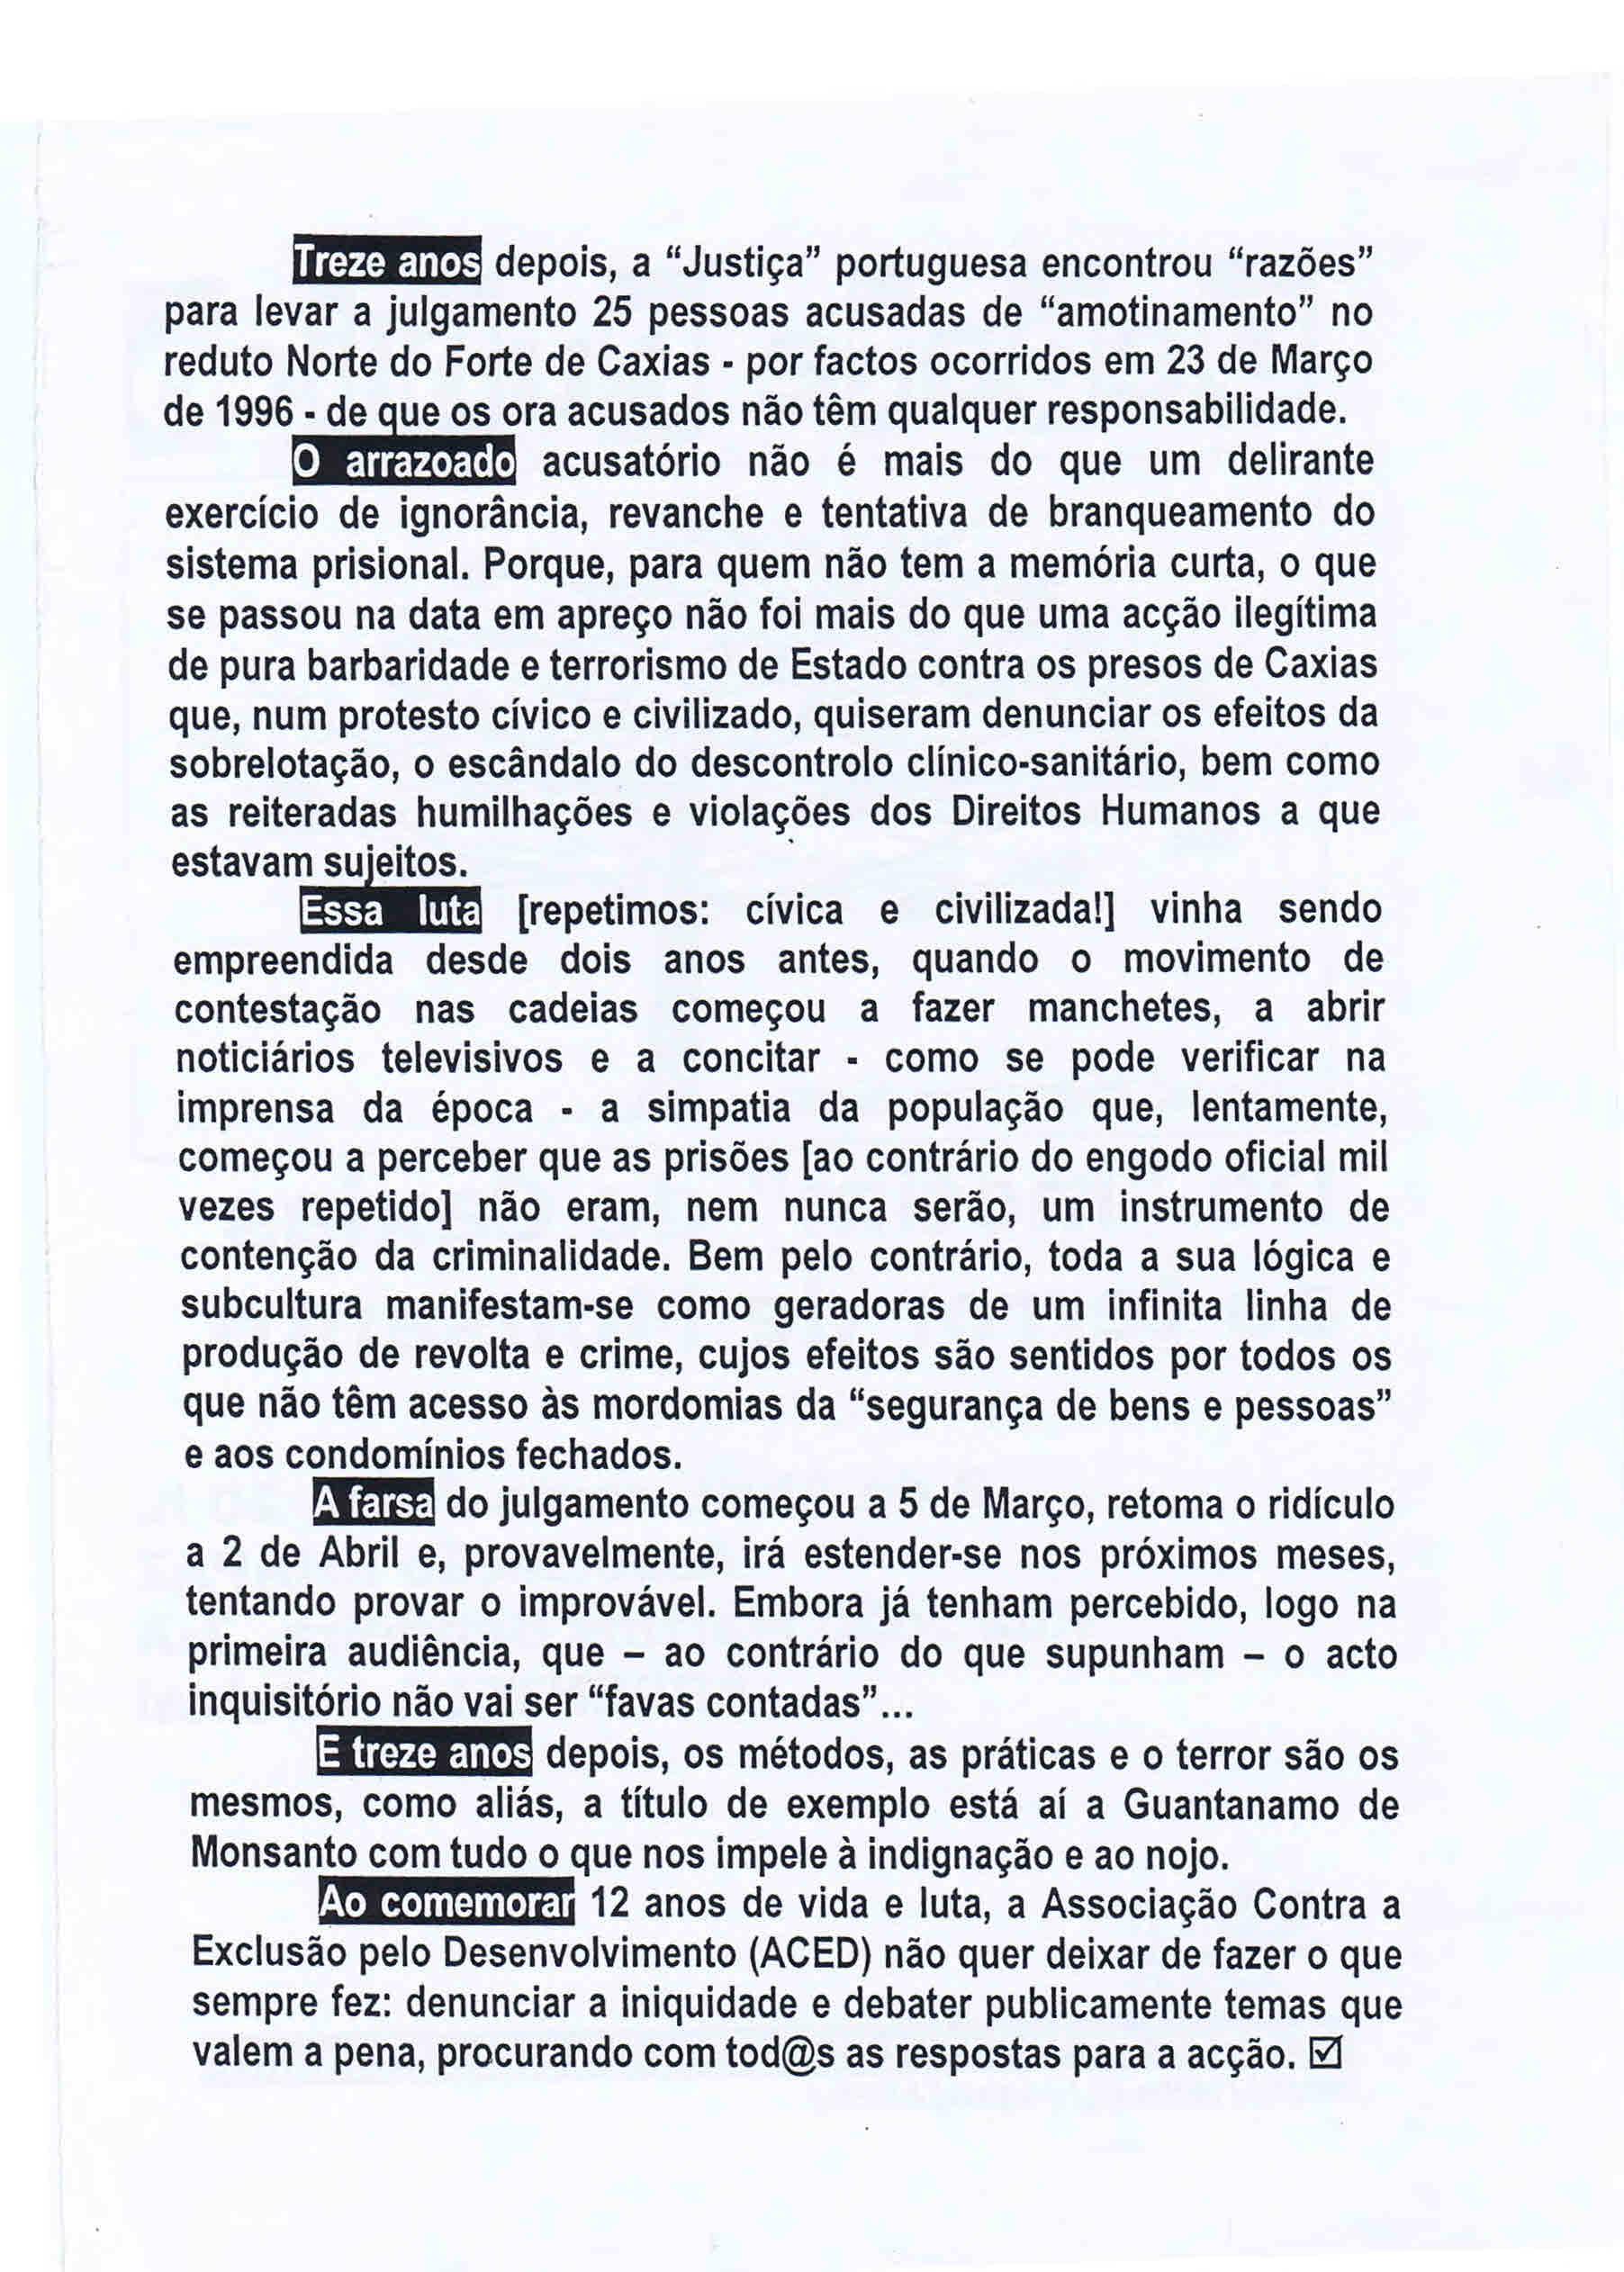 Documekkknt (159) (8)